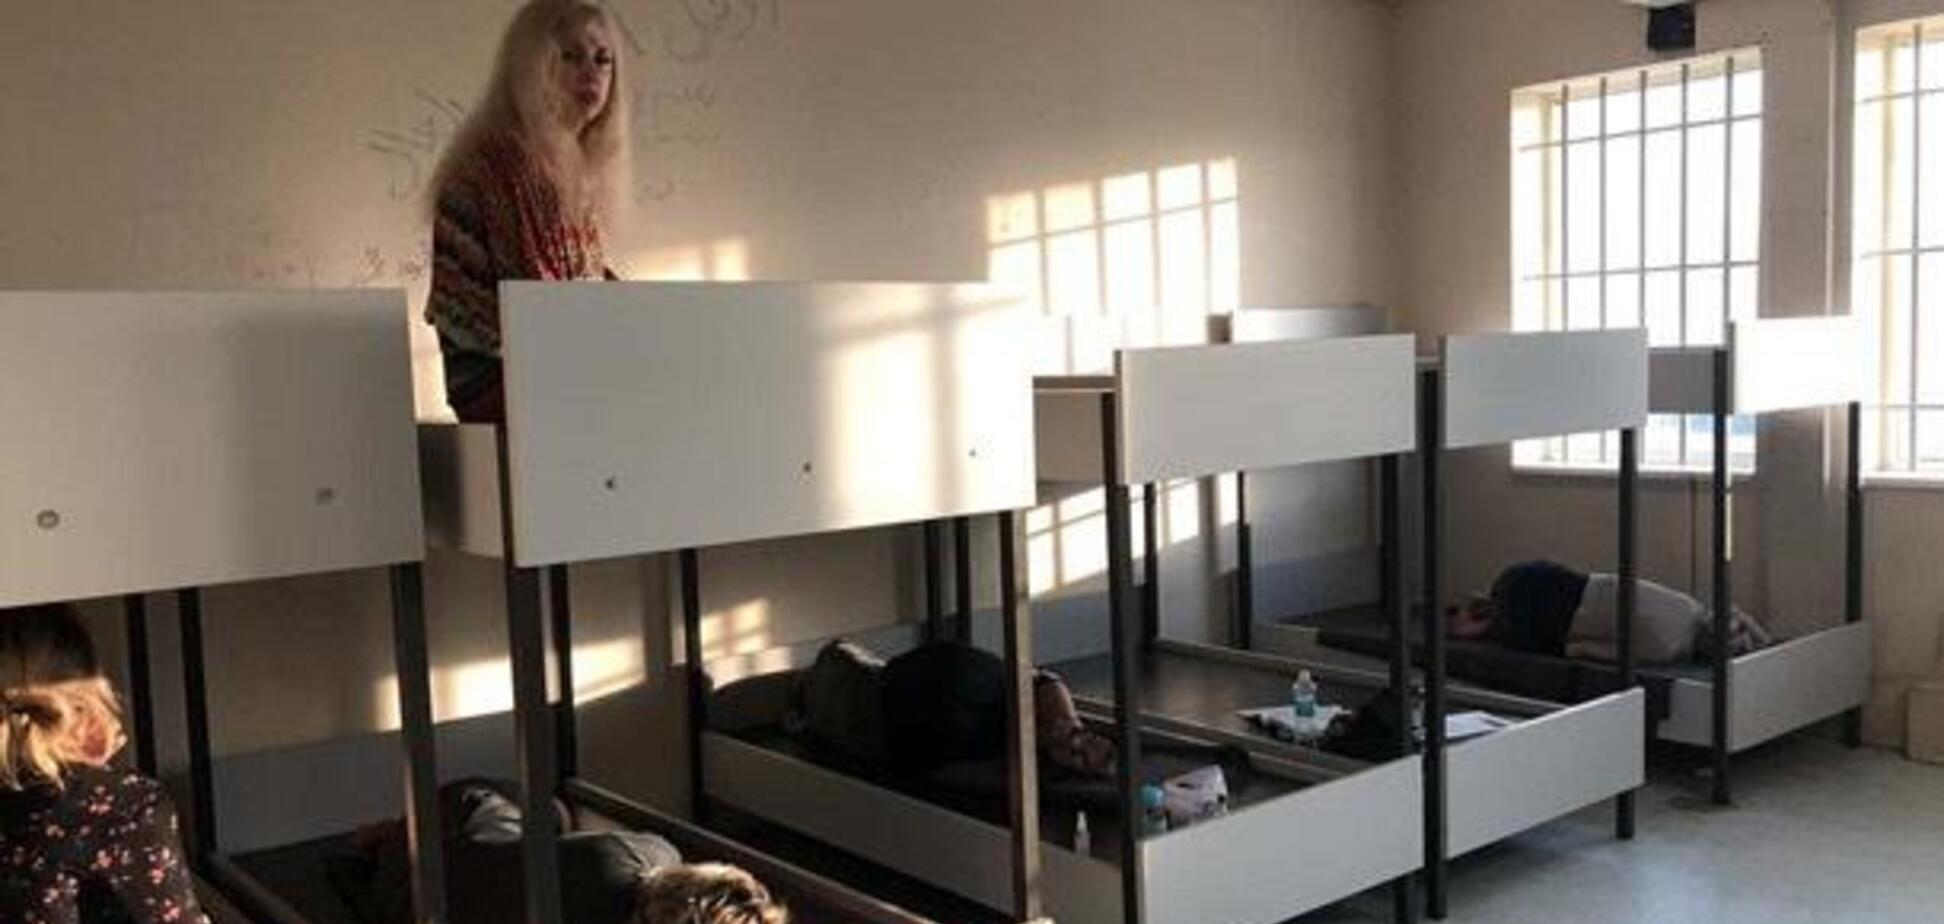 Украинка из Днепра рассказала о 'заточении' в Греции: спят на 'нарах', паспорта и багаж забрали